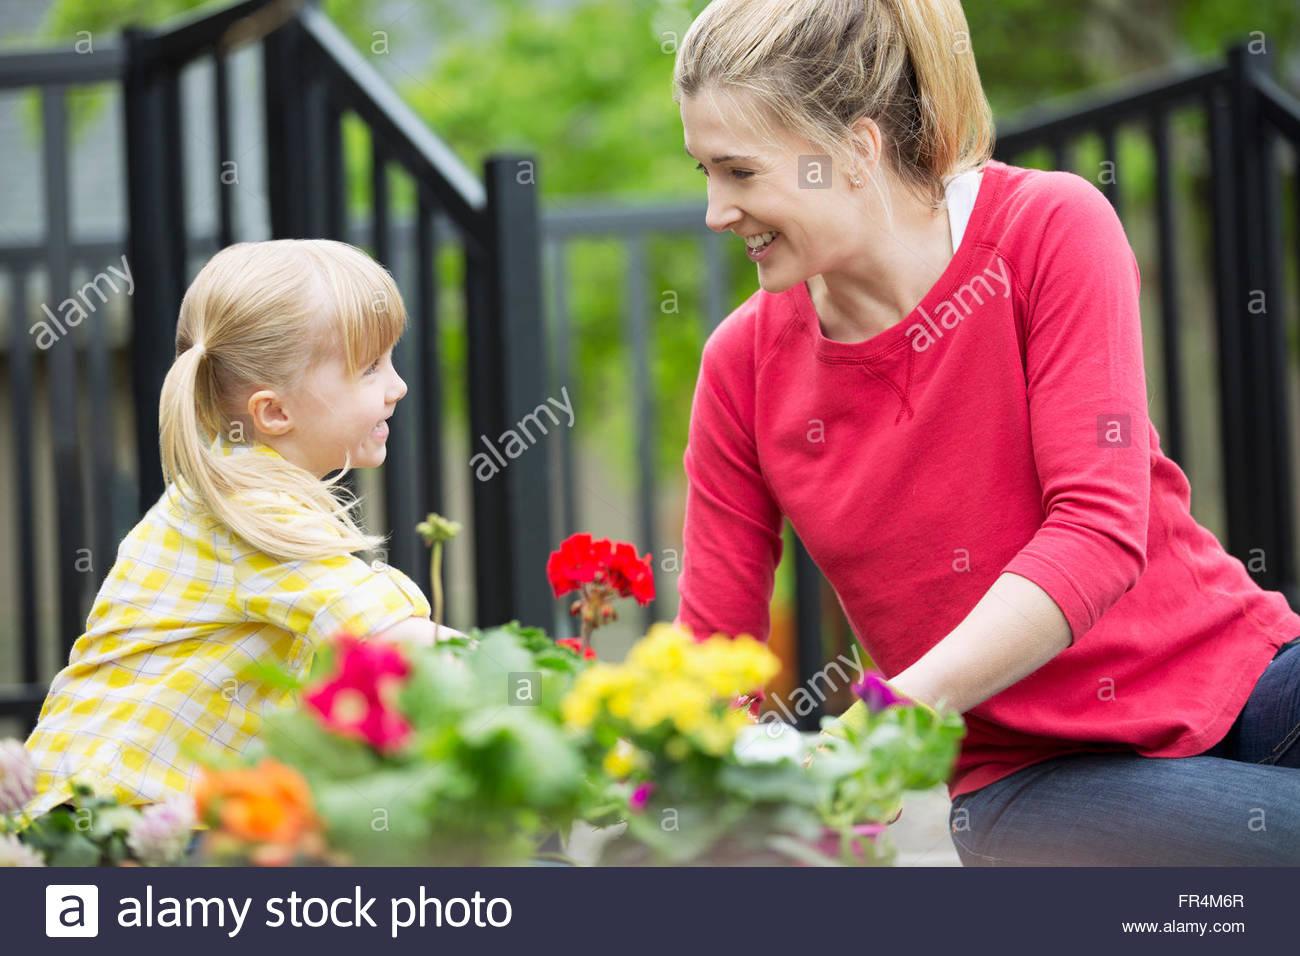 Mama und 5 jährige Tochter, die Anpflanzung von Blumenbeet Stockbild